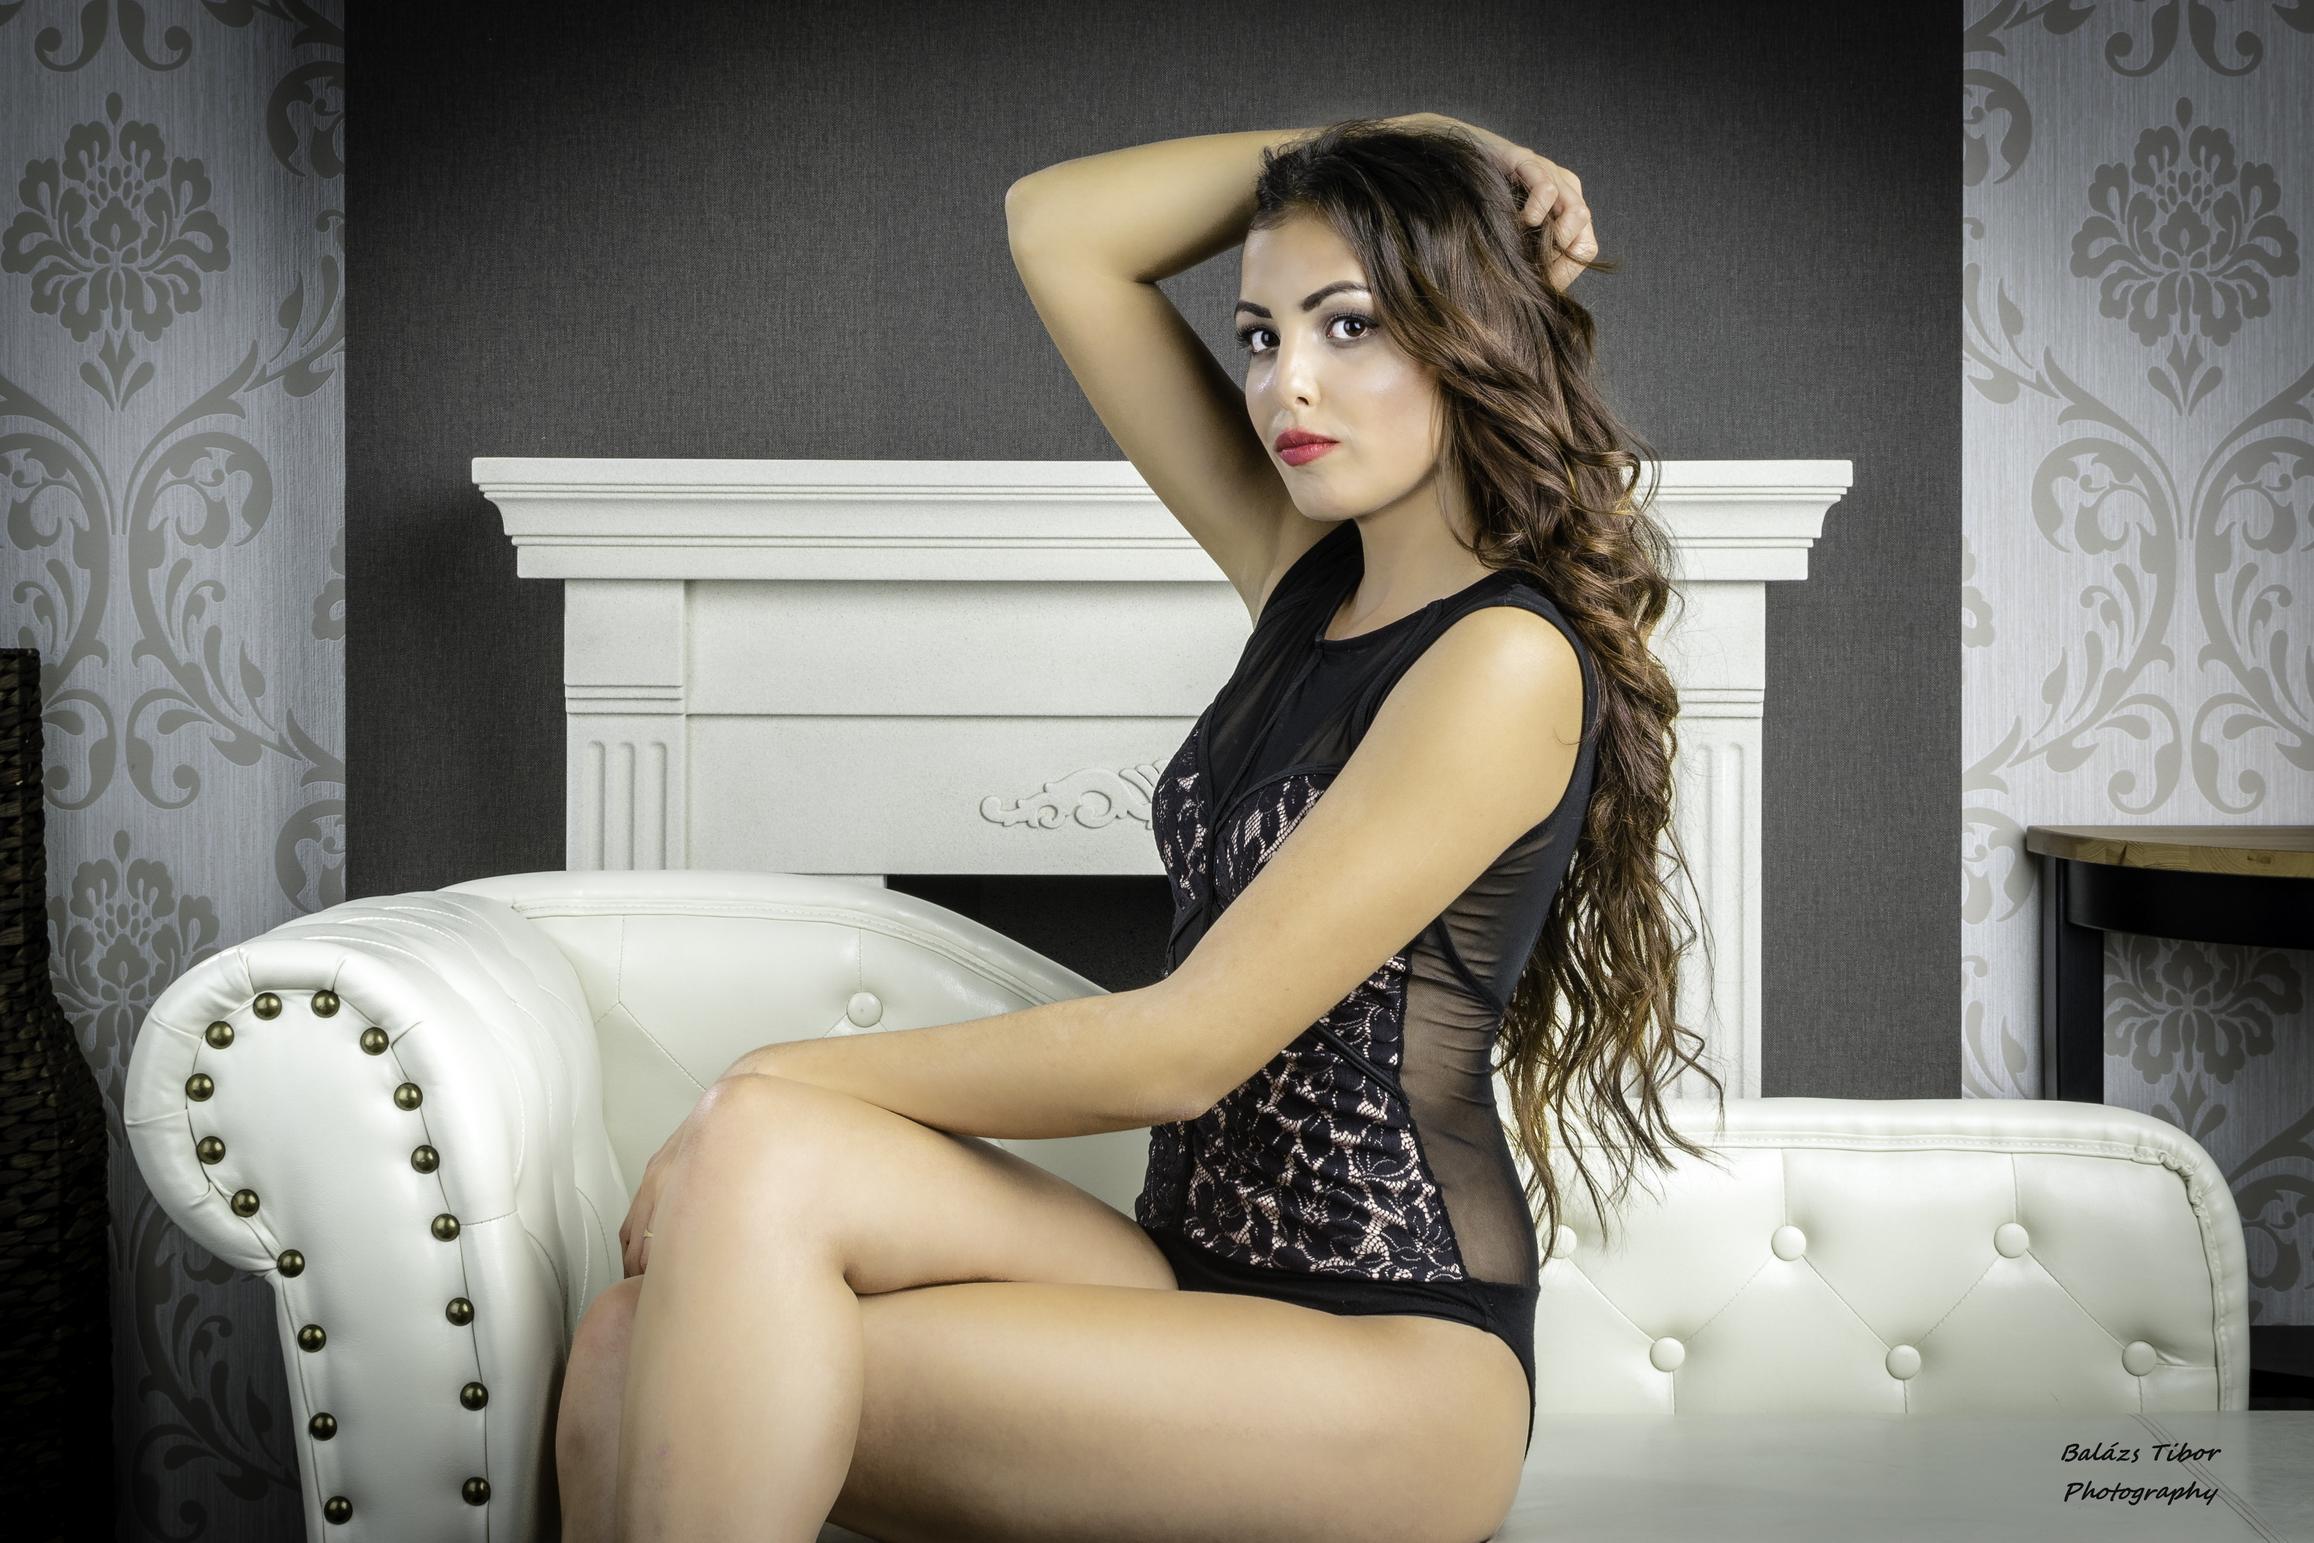 balazs-tibor-glamour_andrea_k